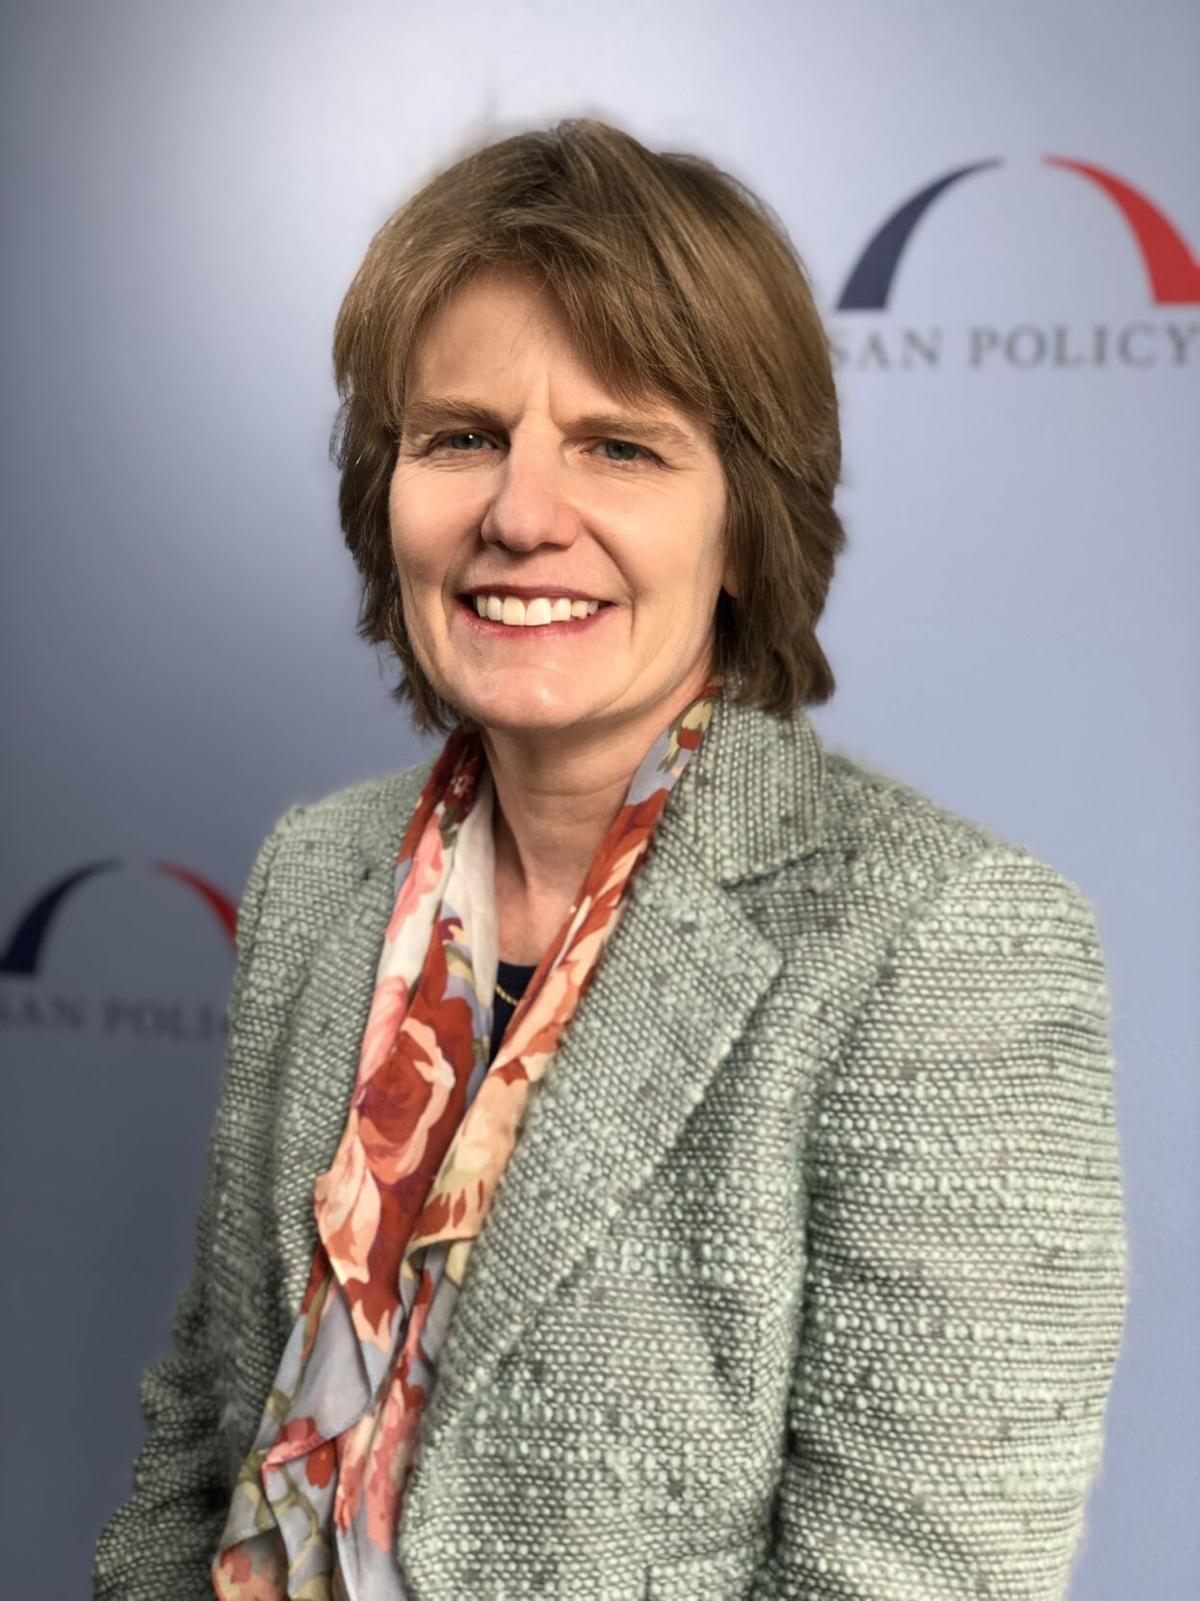 Jacqueline Pfeffer Merrill Headshot